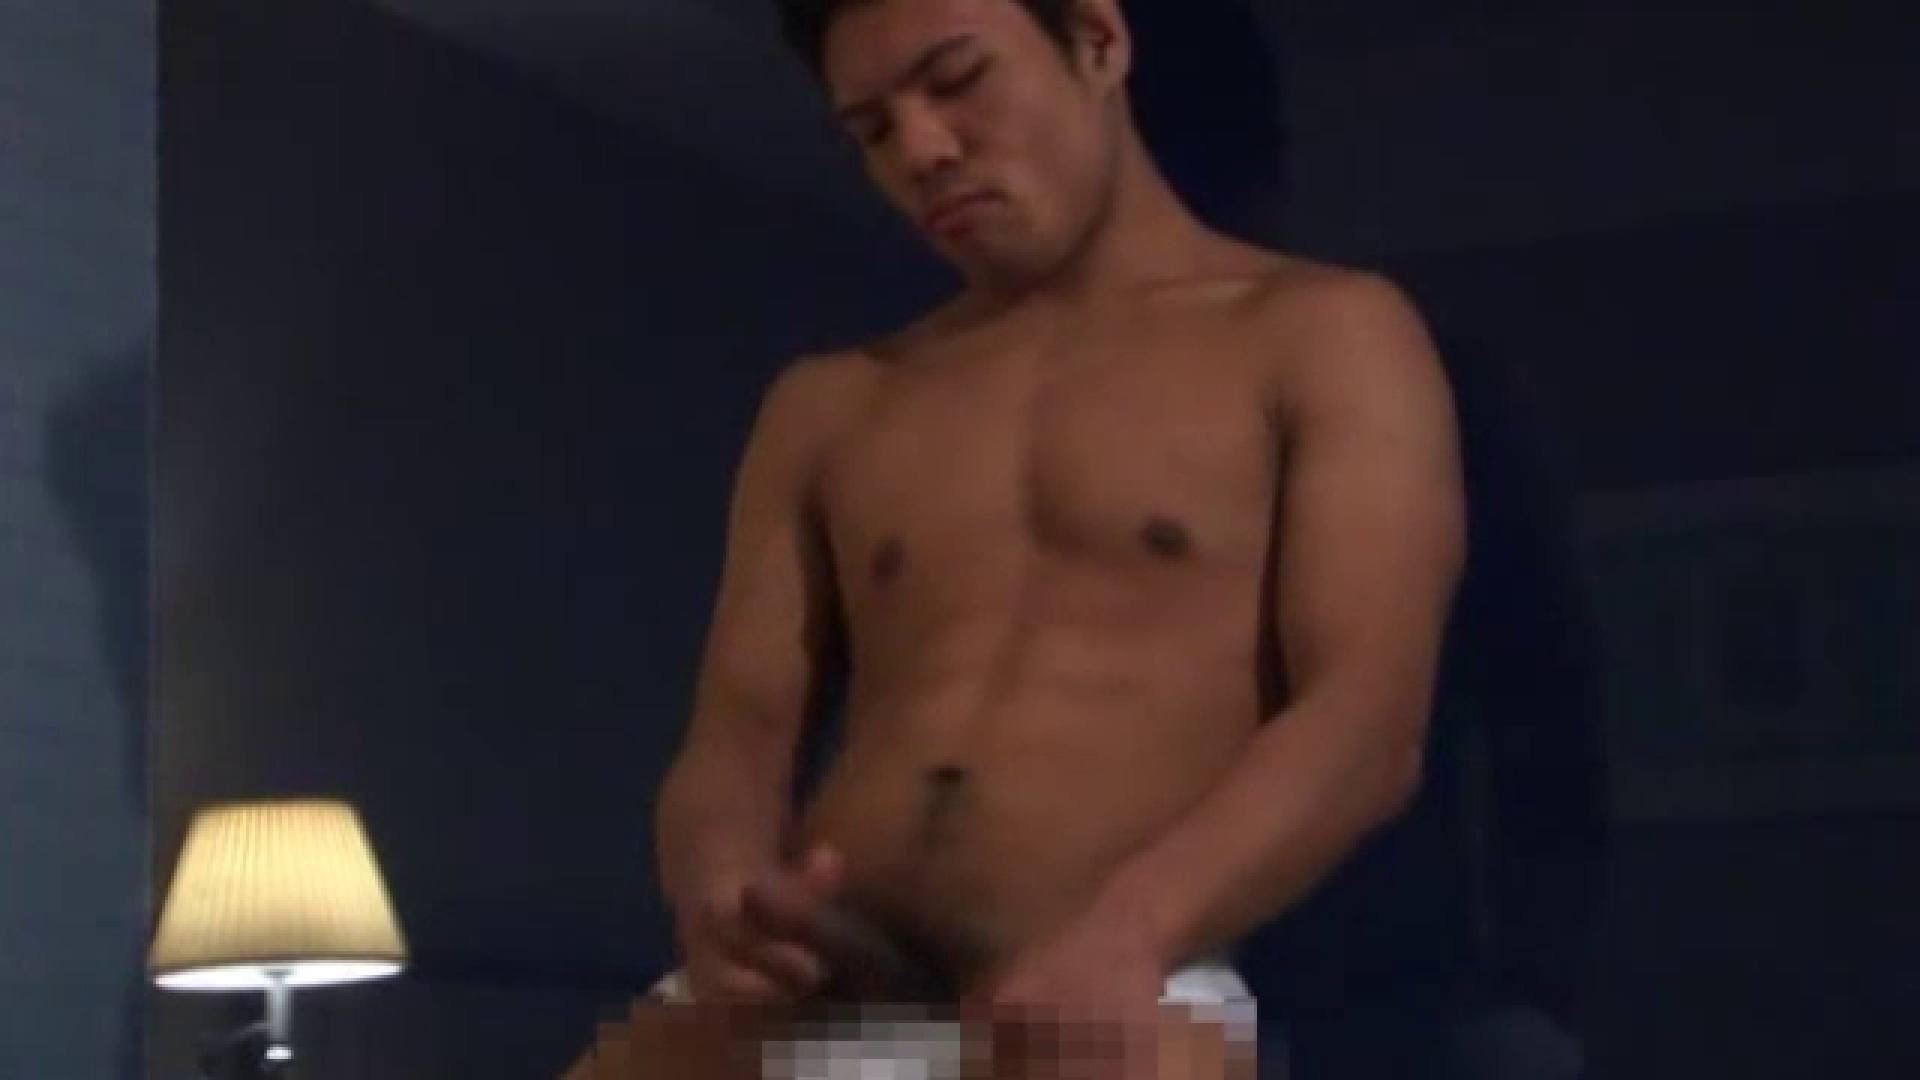 イケメン発情痴帯01 マッチョ  101枚 55